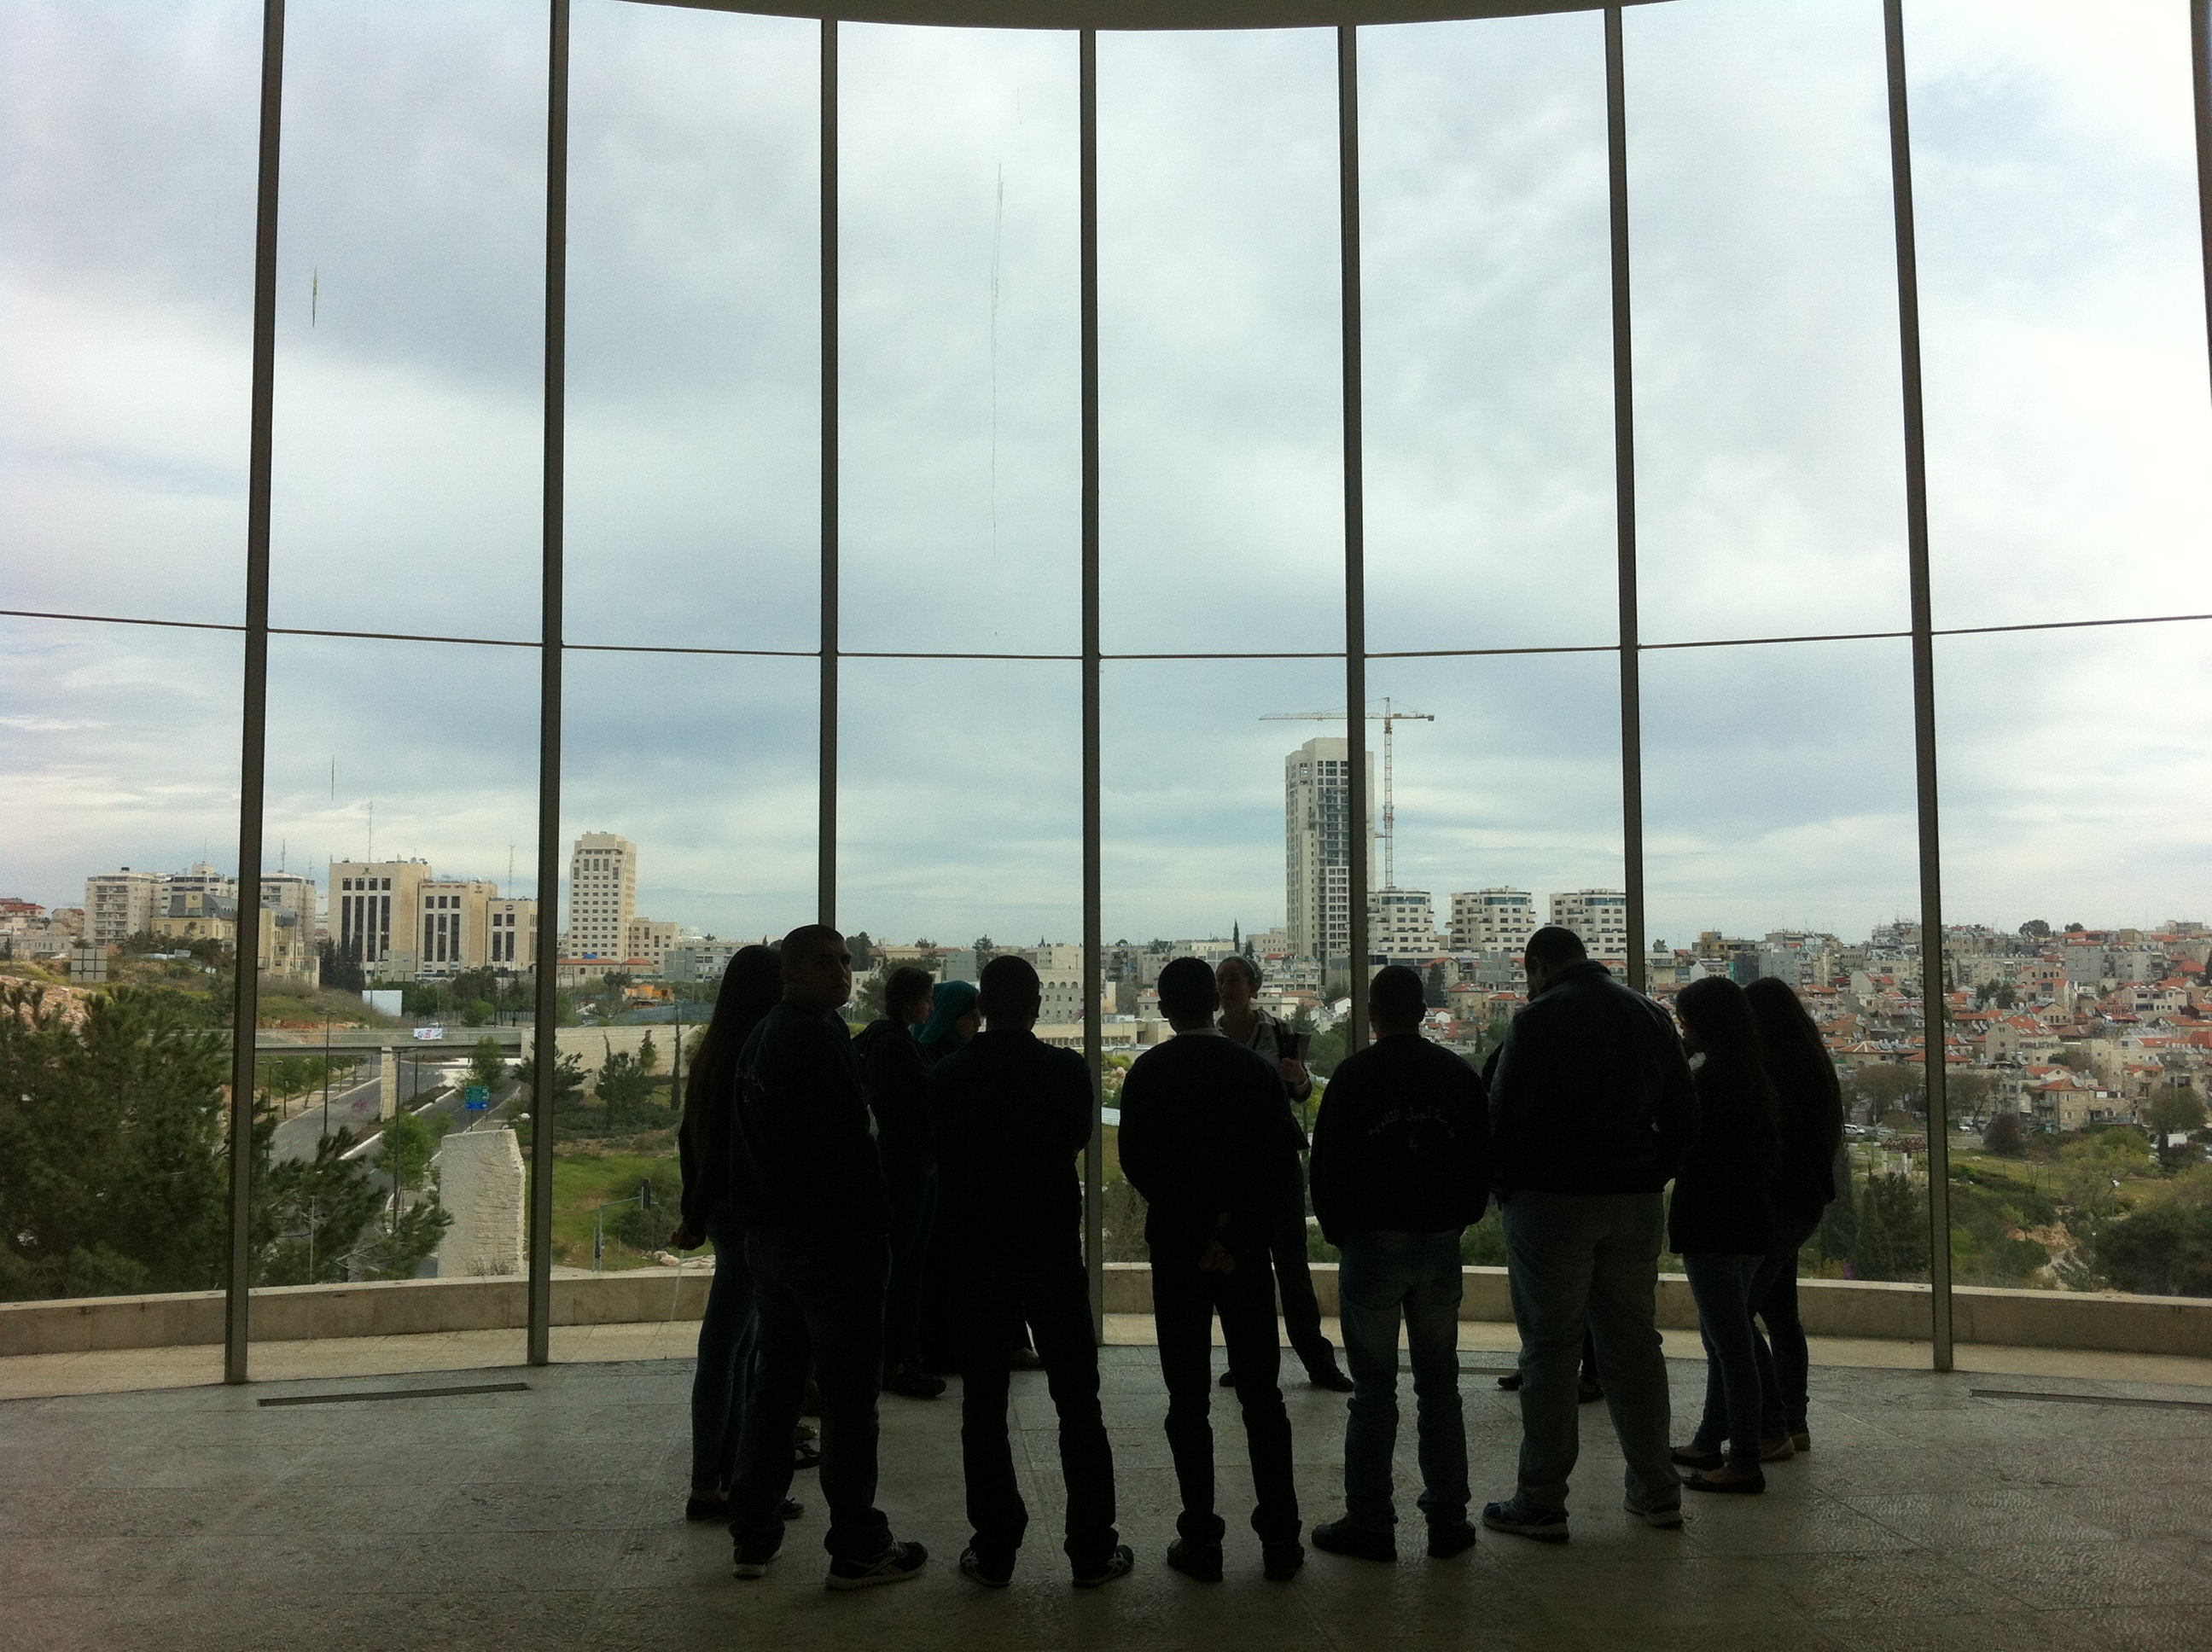 """קבוצה בסיור רשמי ליד החלון המזרחי, ביהמ""""ש העליון בירושלים. צילום: כרמל חנני"""